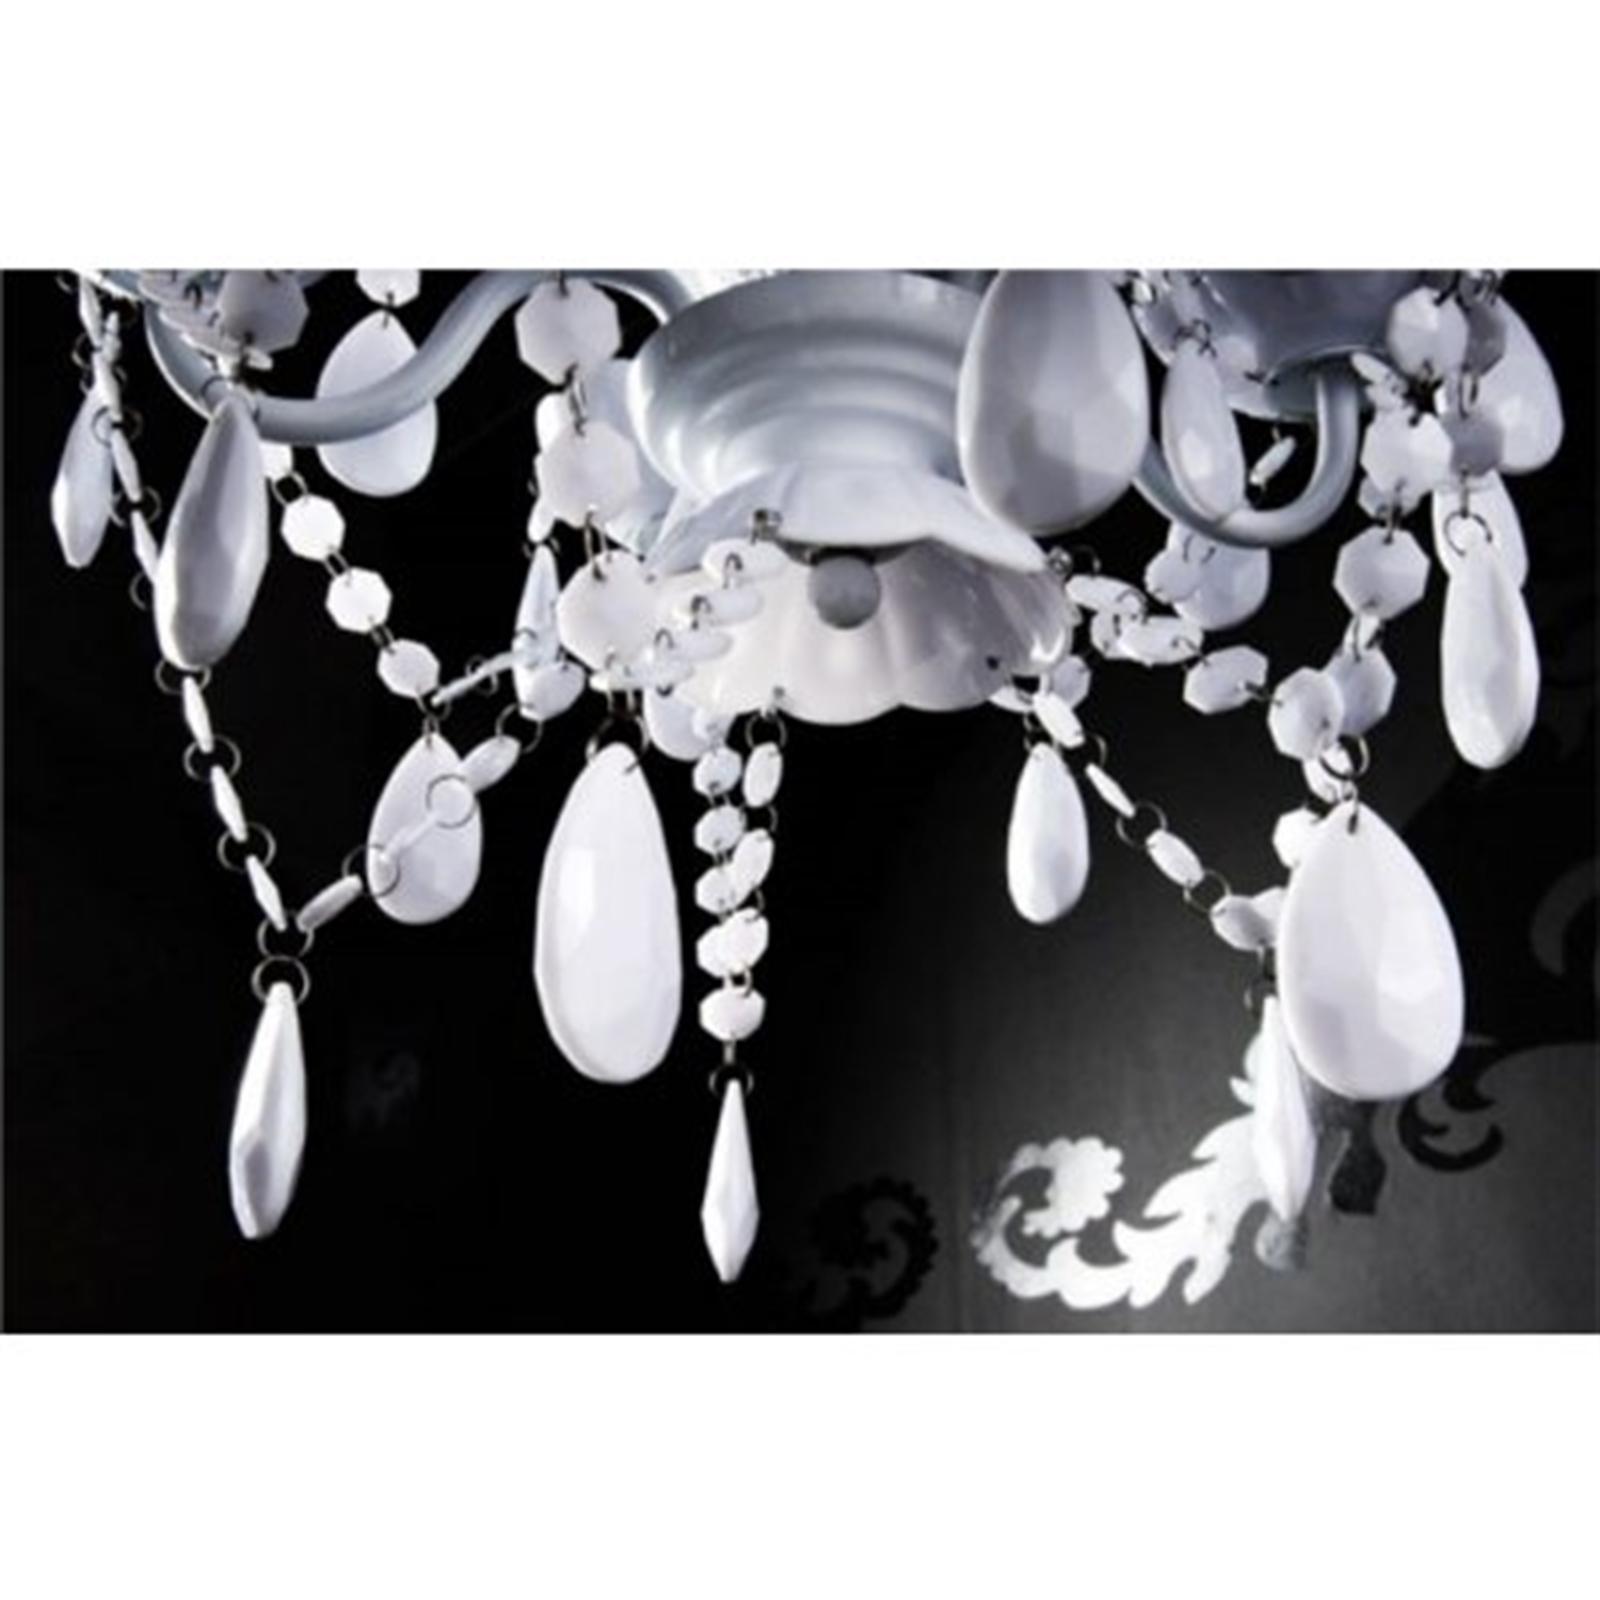 3 Von 6 DESIGNER KRONLEUCHTER POMP | Acryl Schwarz, 5 Armig, Ø37cm | Luxus  Deckenleuchte